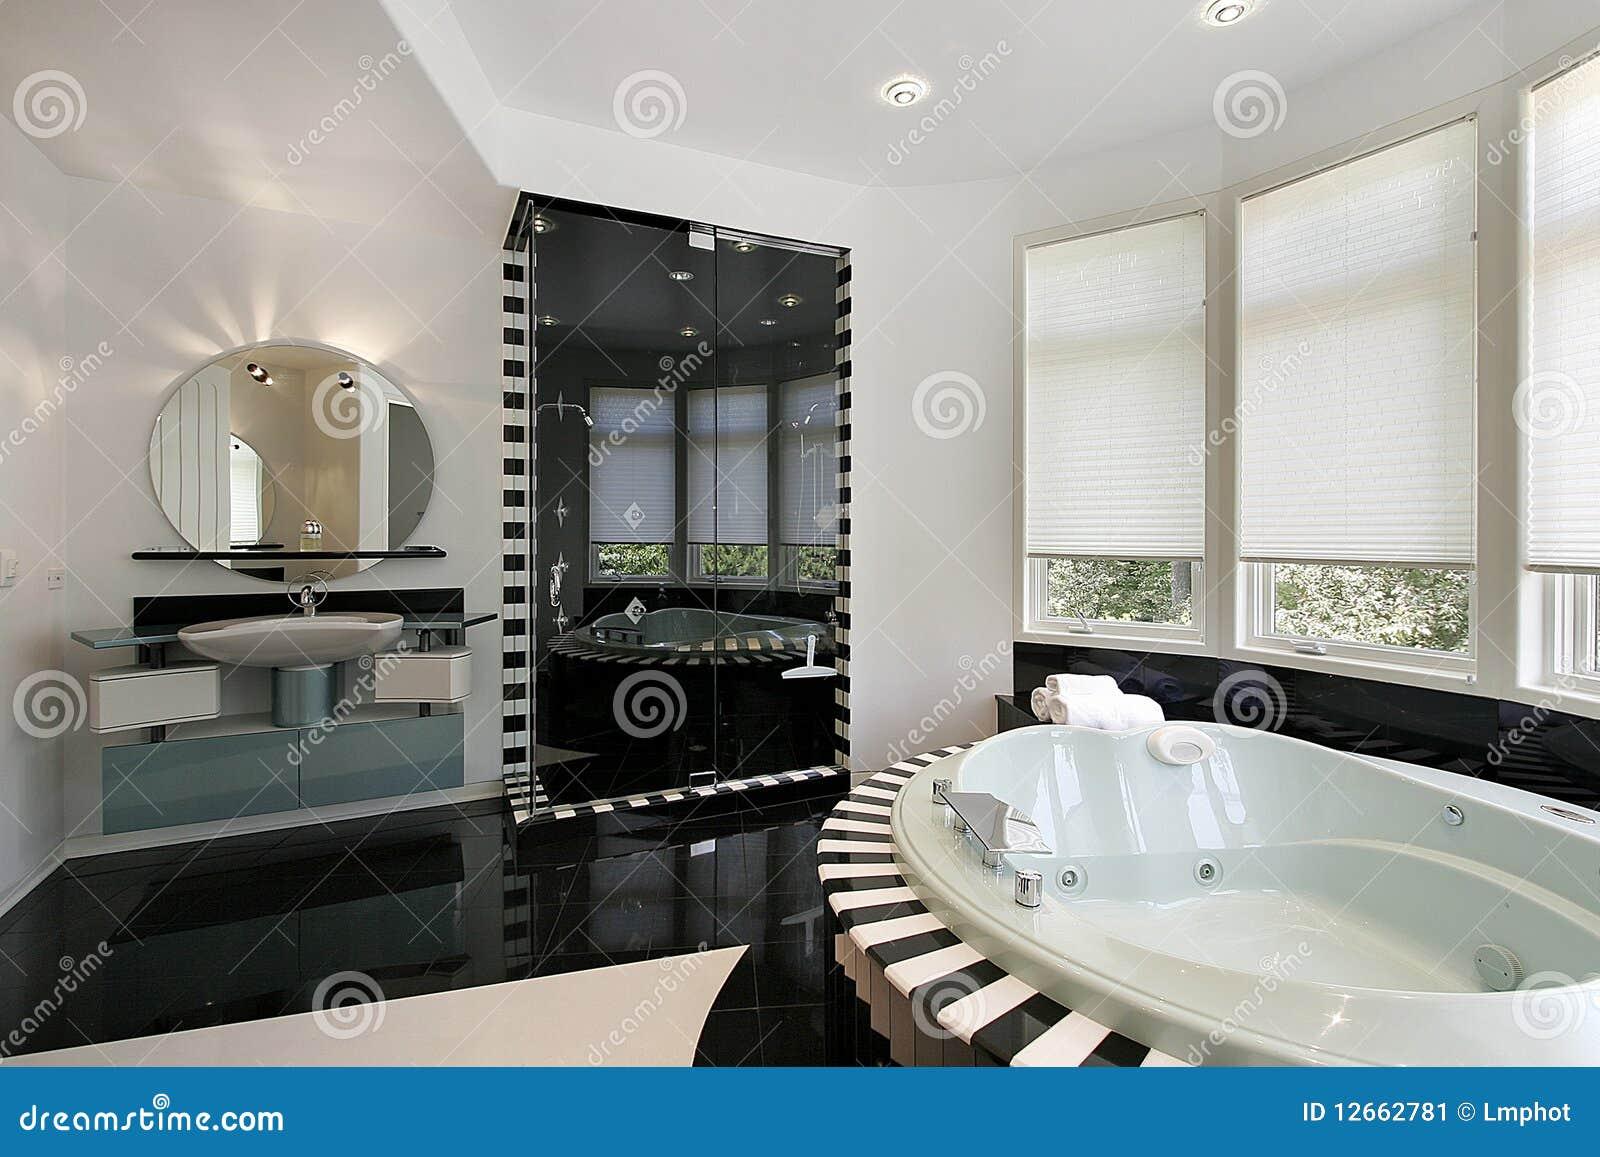 Bagni In Marmo Nero : Bagno di marmo excellent bagno di marmo giallo reale with bagno